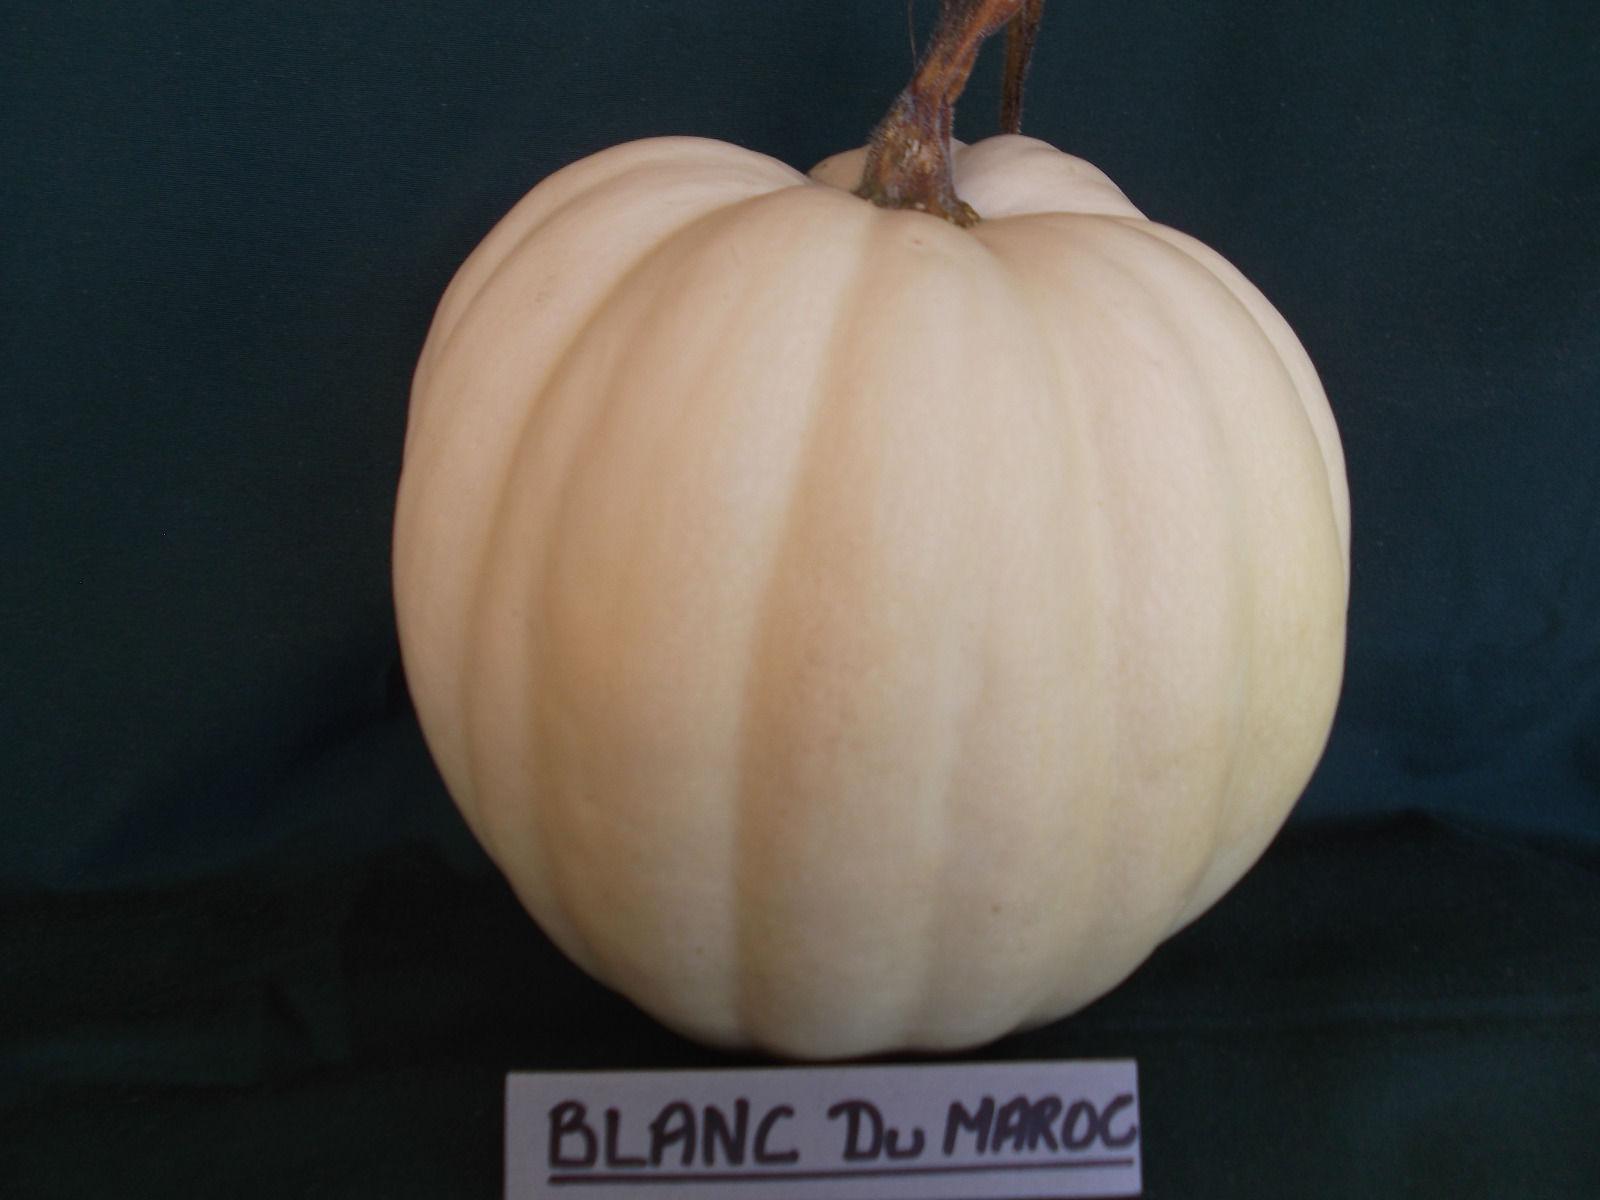 Blanc Du Maroc